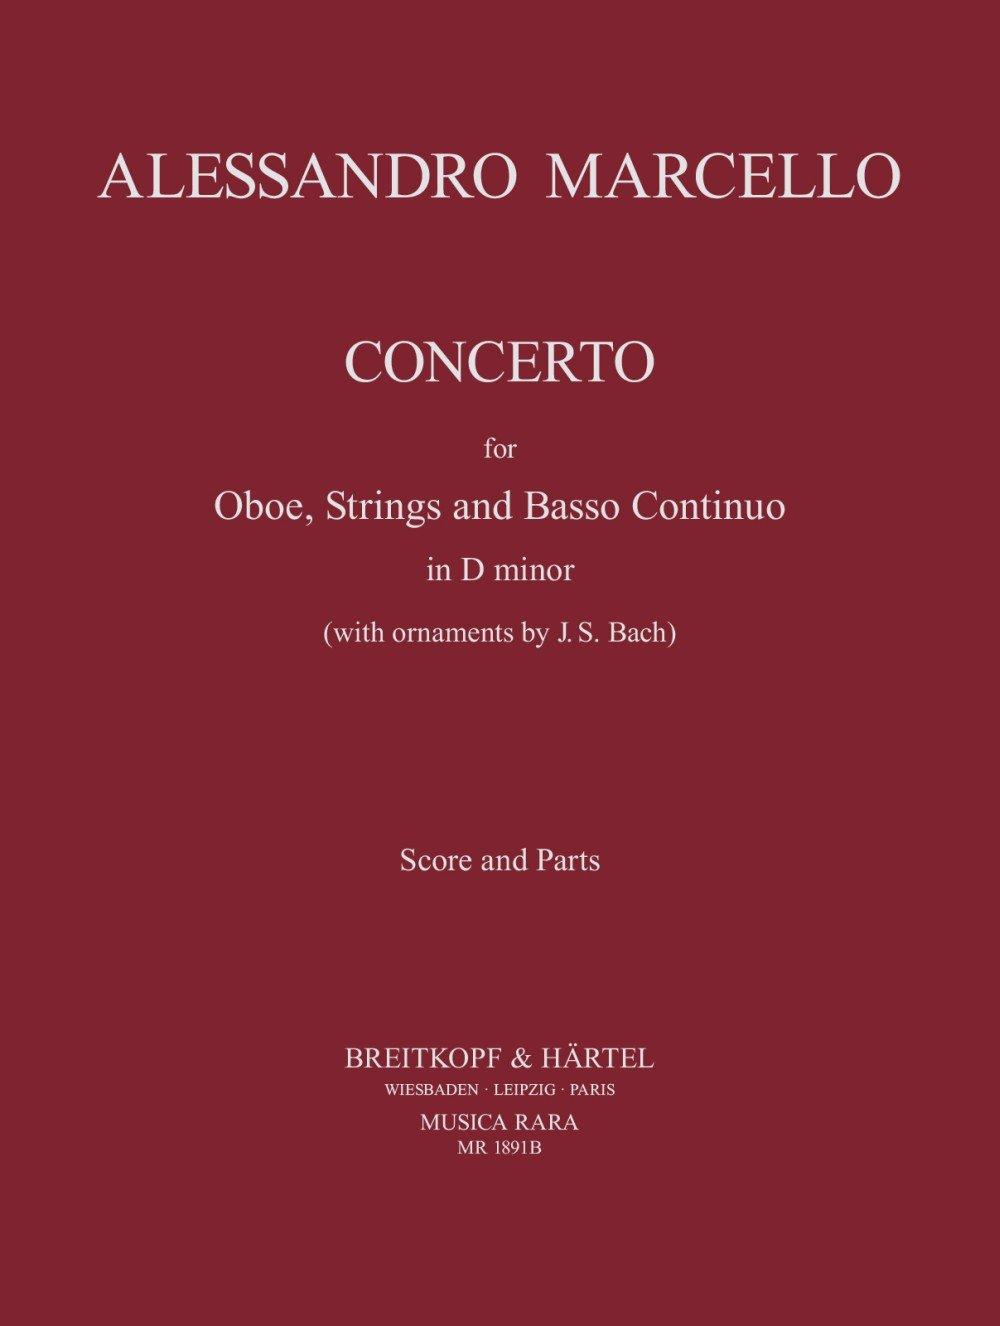 Concerto in d-Moll Hautbois-Ensemble de Partitions (Allemand) Partition – 1 janvier 2000 Marcello and Ticciat Breitkopf 000448486X MR1891B